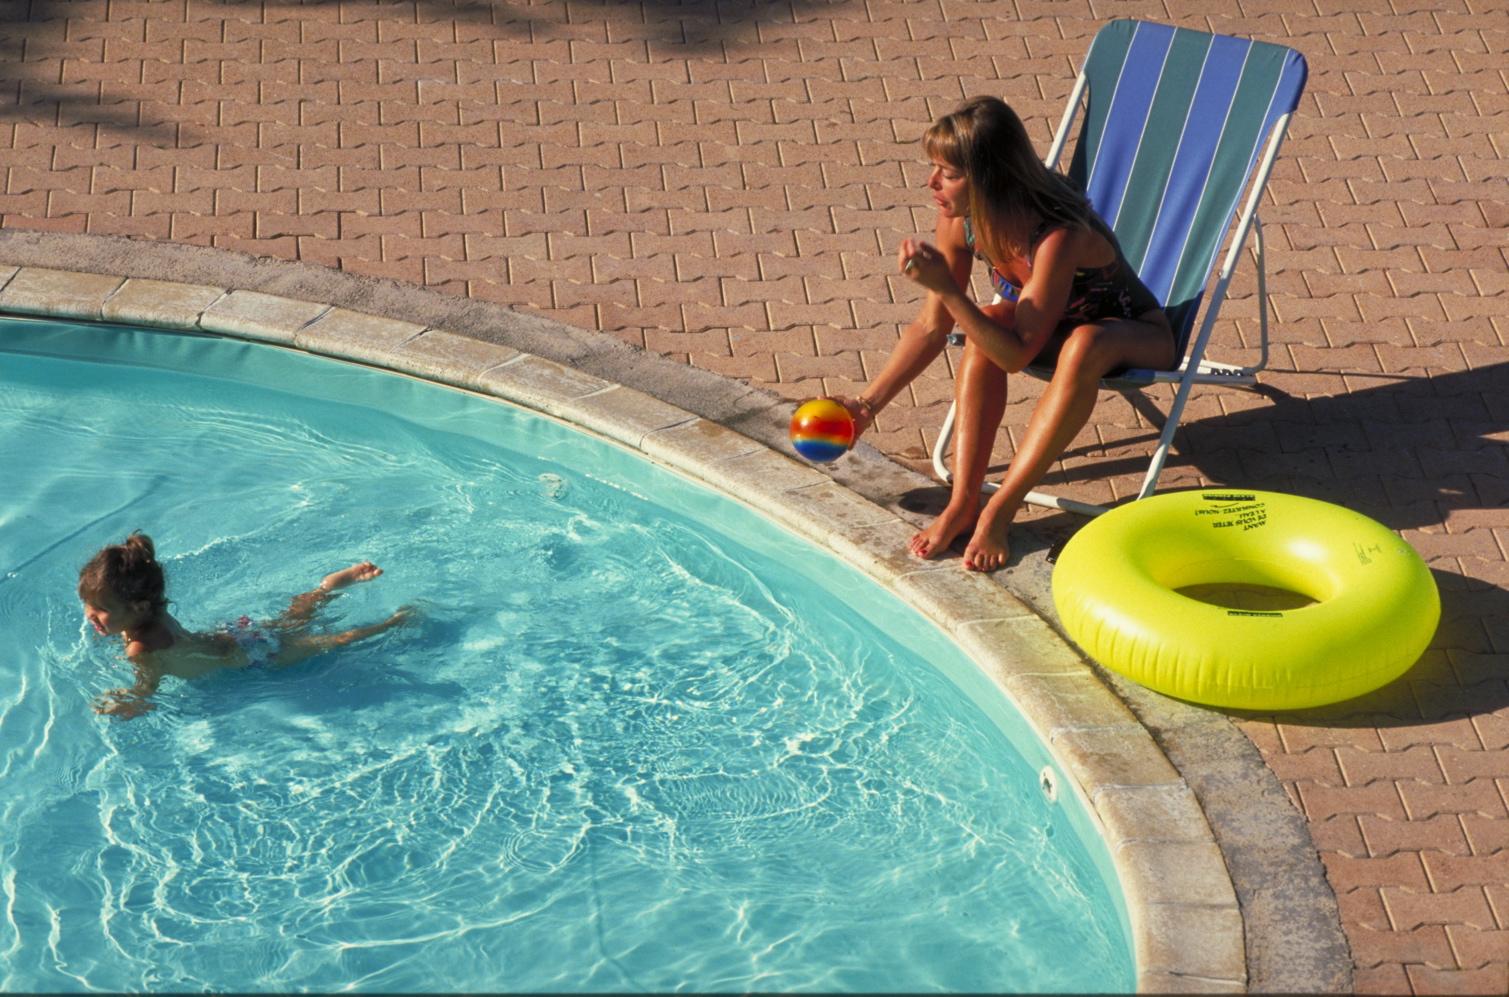 Installer Une Piscine Le Coût à La Construction Et Dentretien - Le cout d une piscine